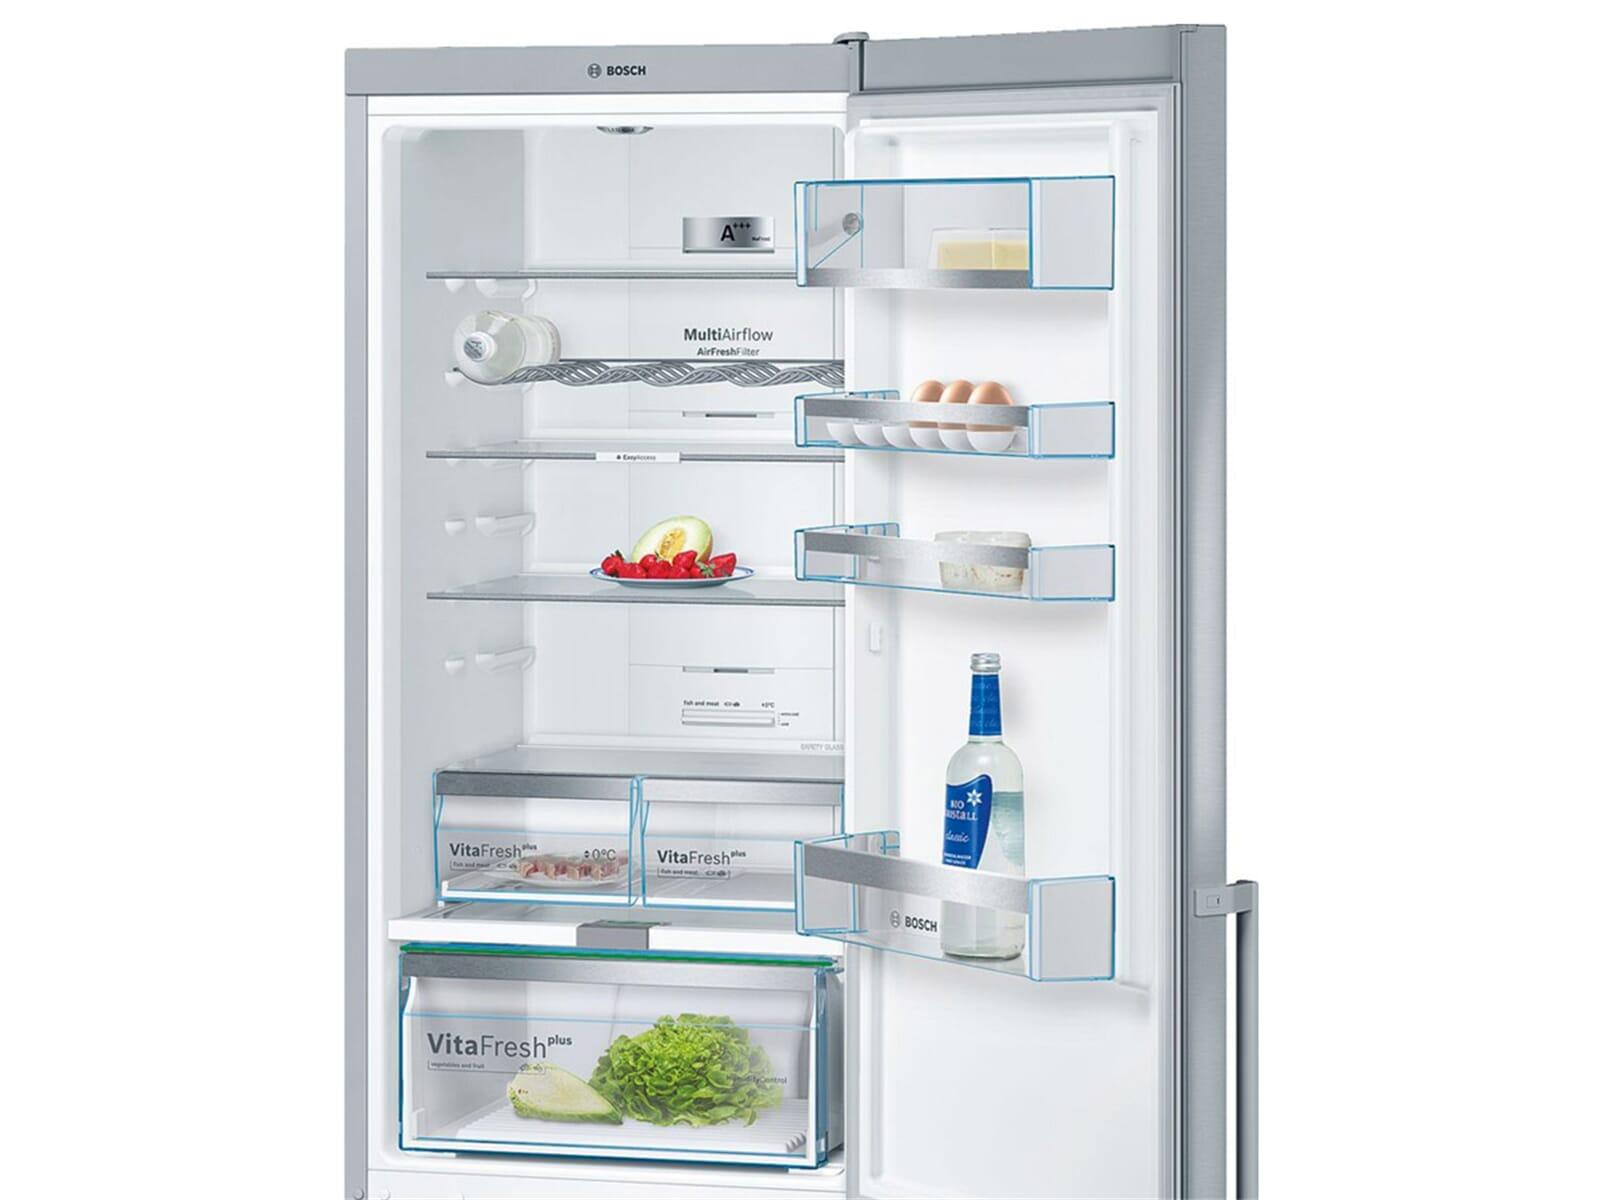 Bosch Kühlschrank Kgn 33 48 : Bosch kgn ai kühl gefrierkombination edelstahl